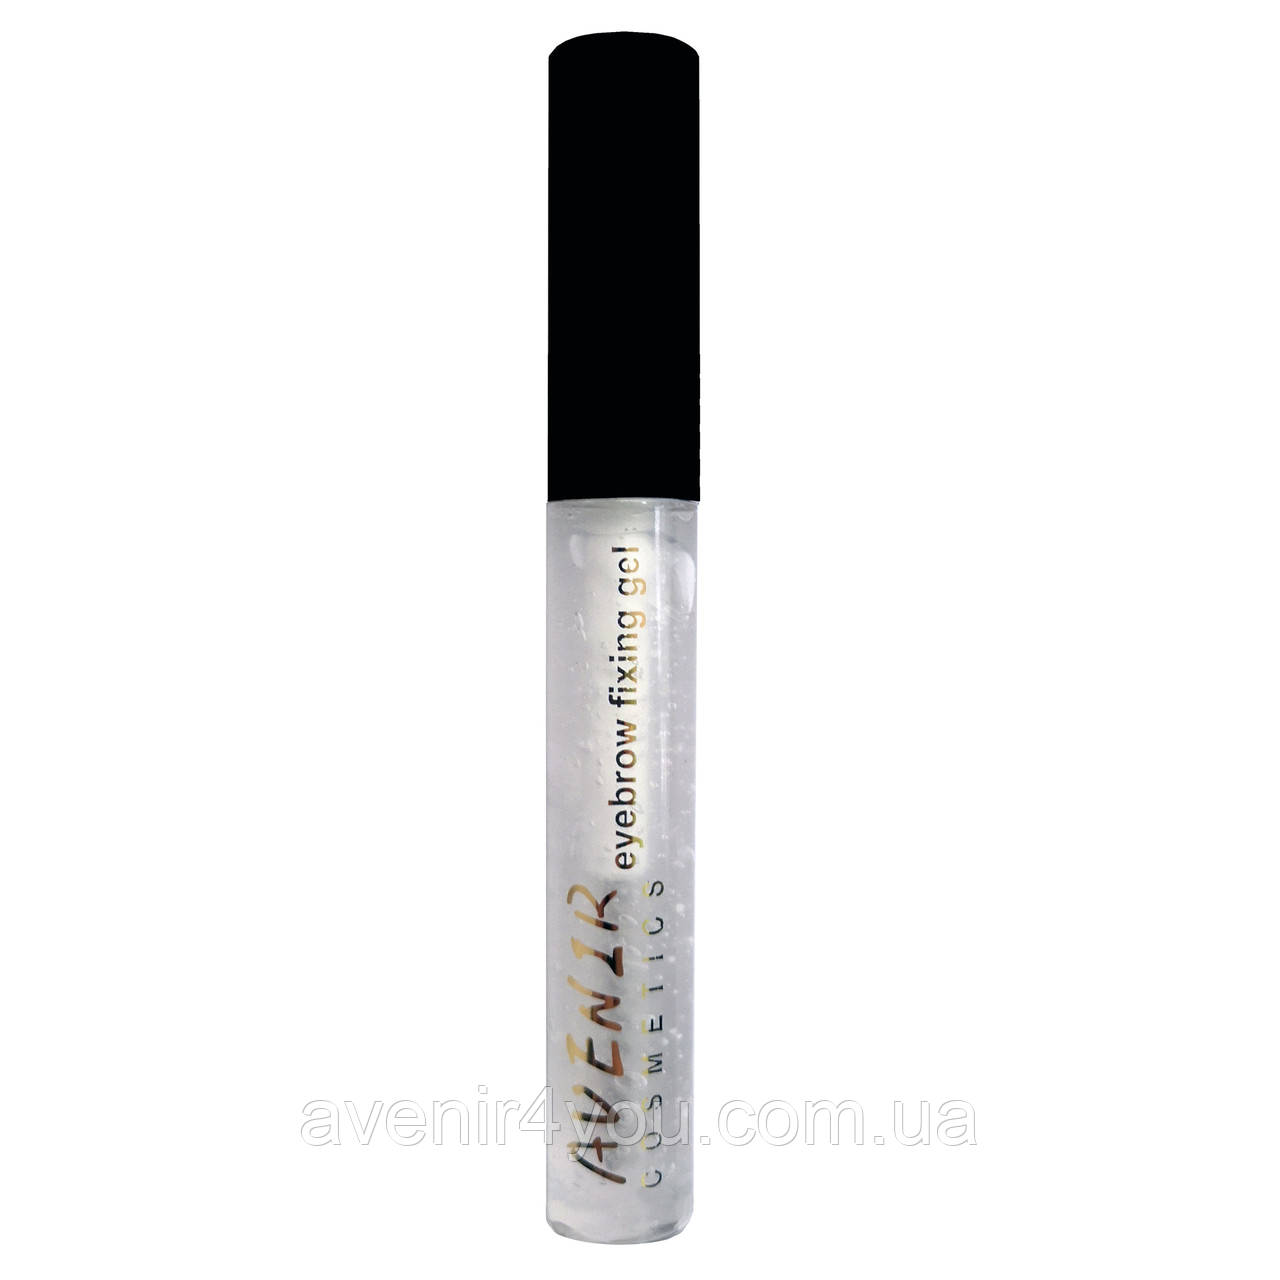 Гель для ламинации бровей Avenir Cosmetics ультрафиксация 6.5 г